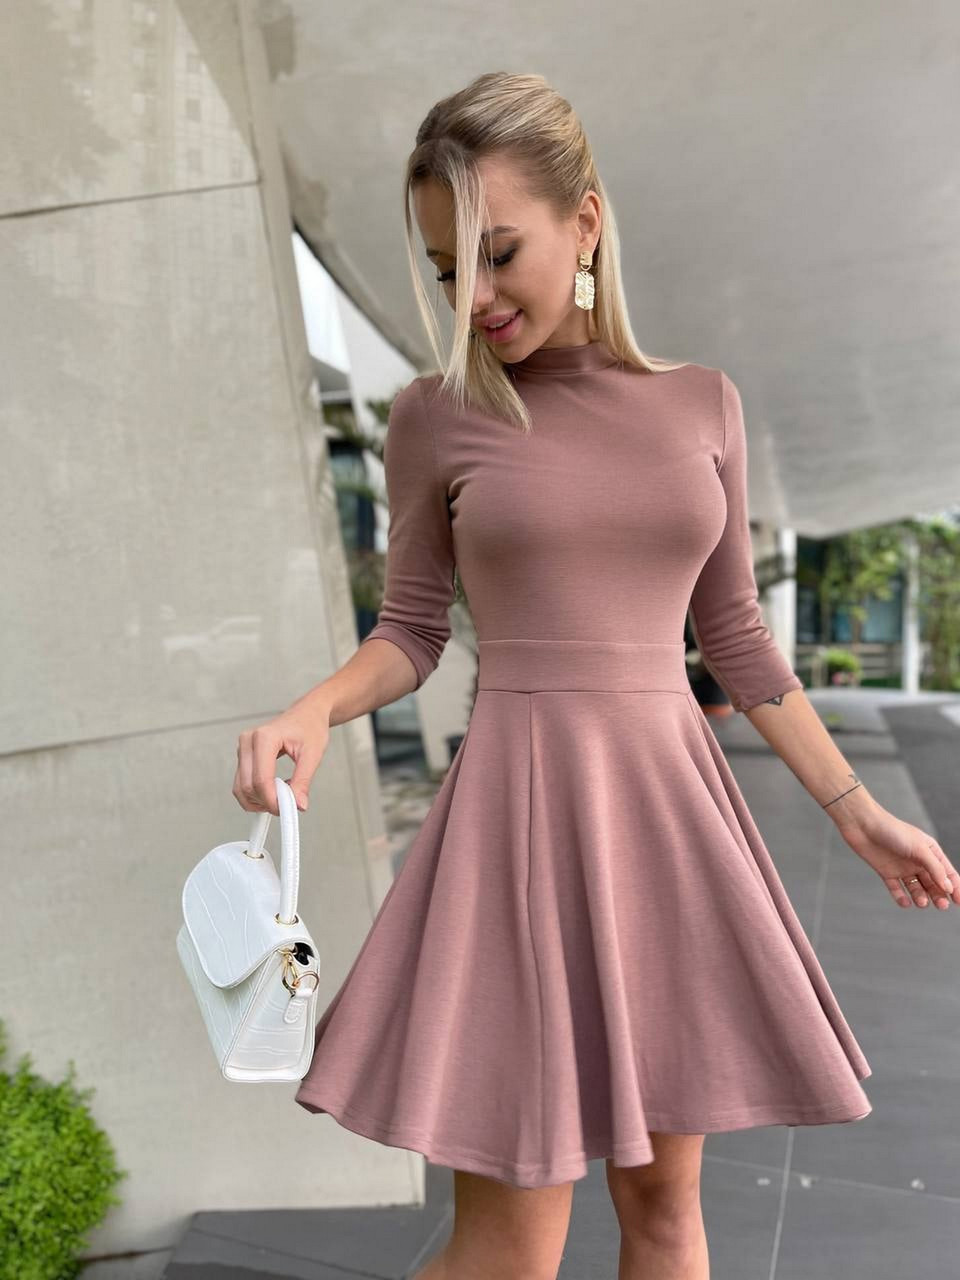 Коротке жіноче плаття, рукав три чверті, потайна змійка, 00891 (Мокко), Розмір 46 (L)